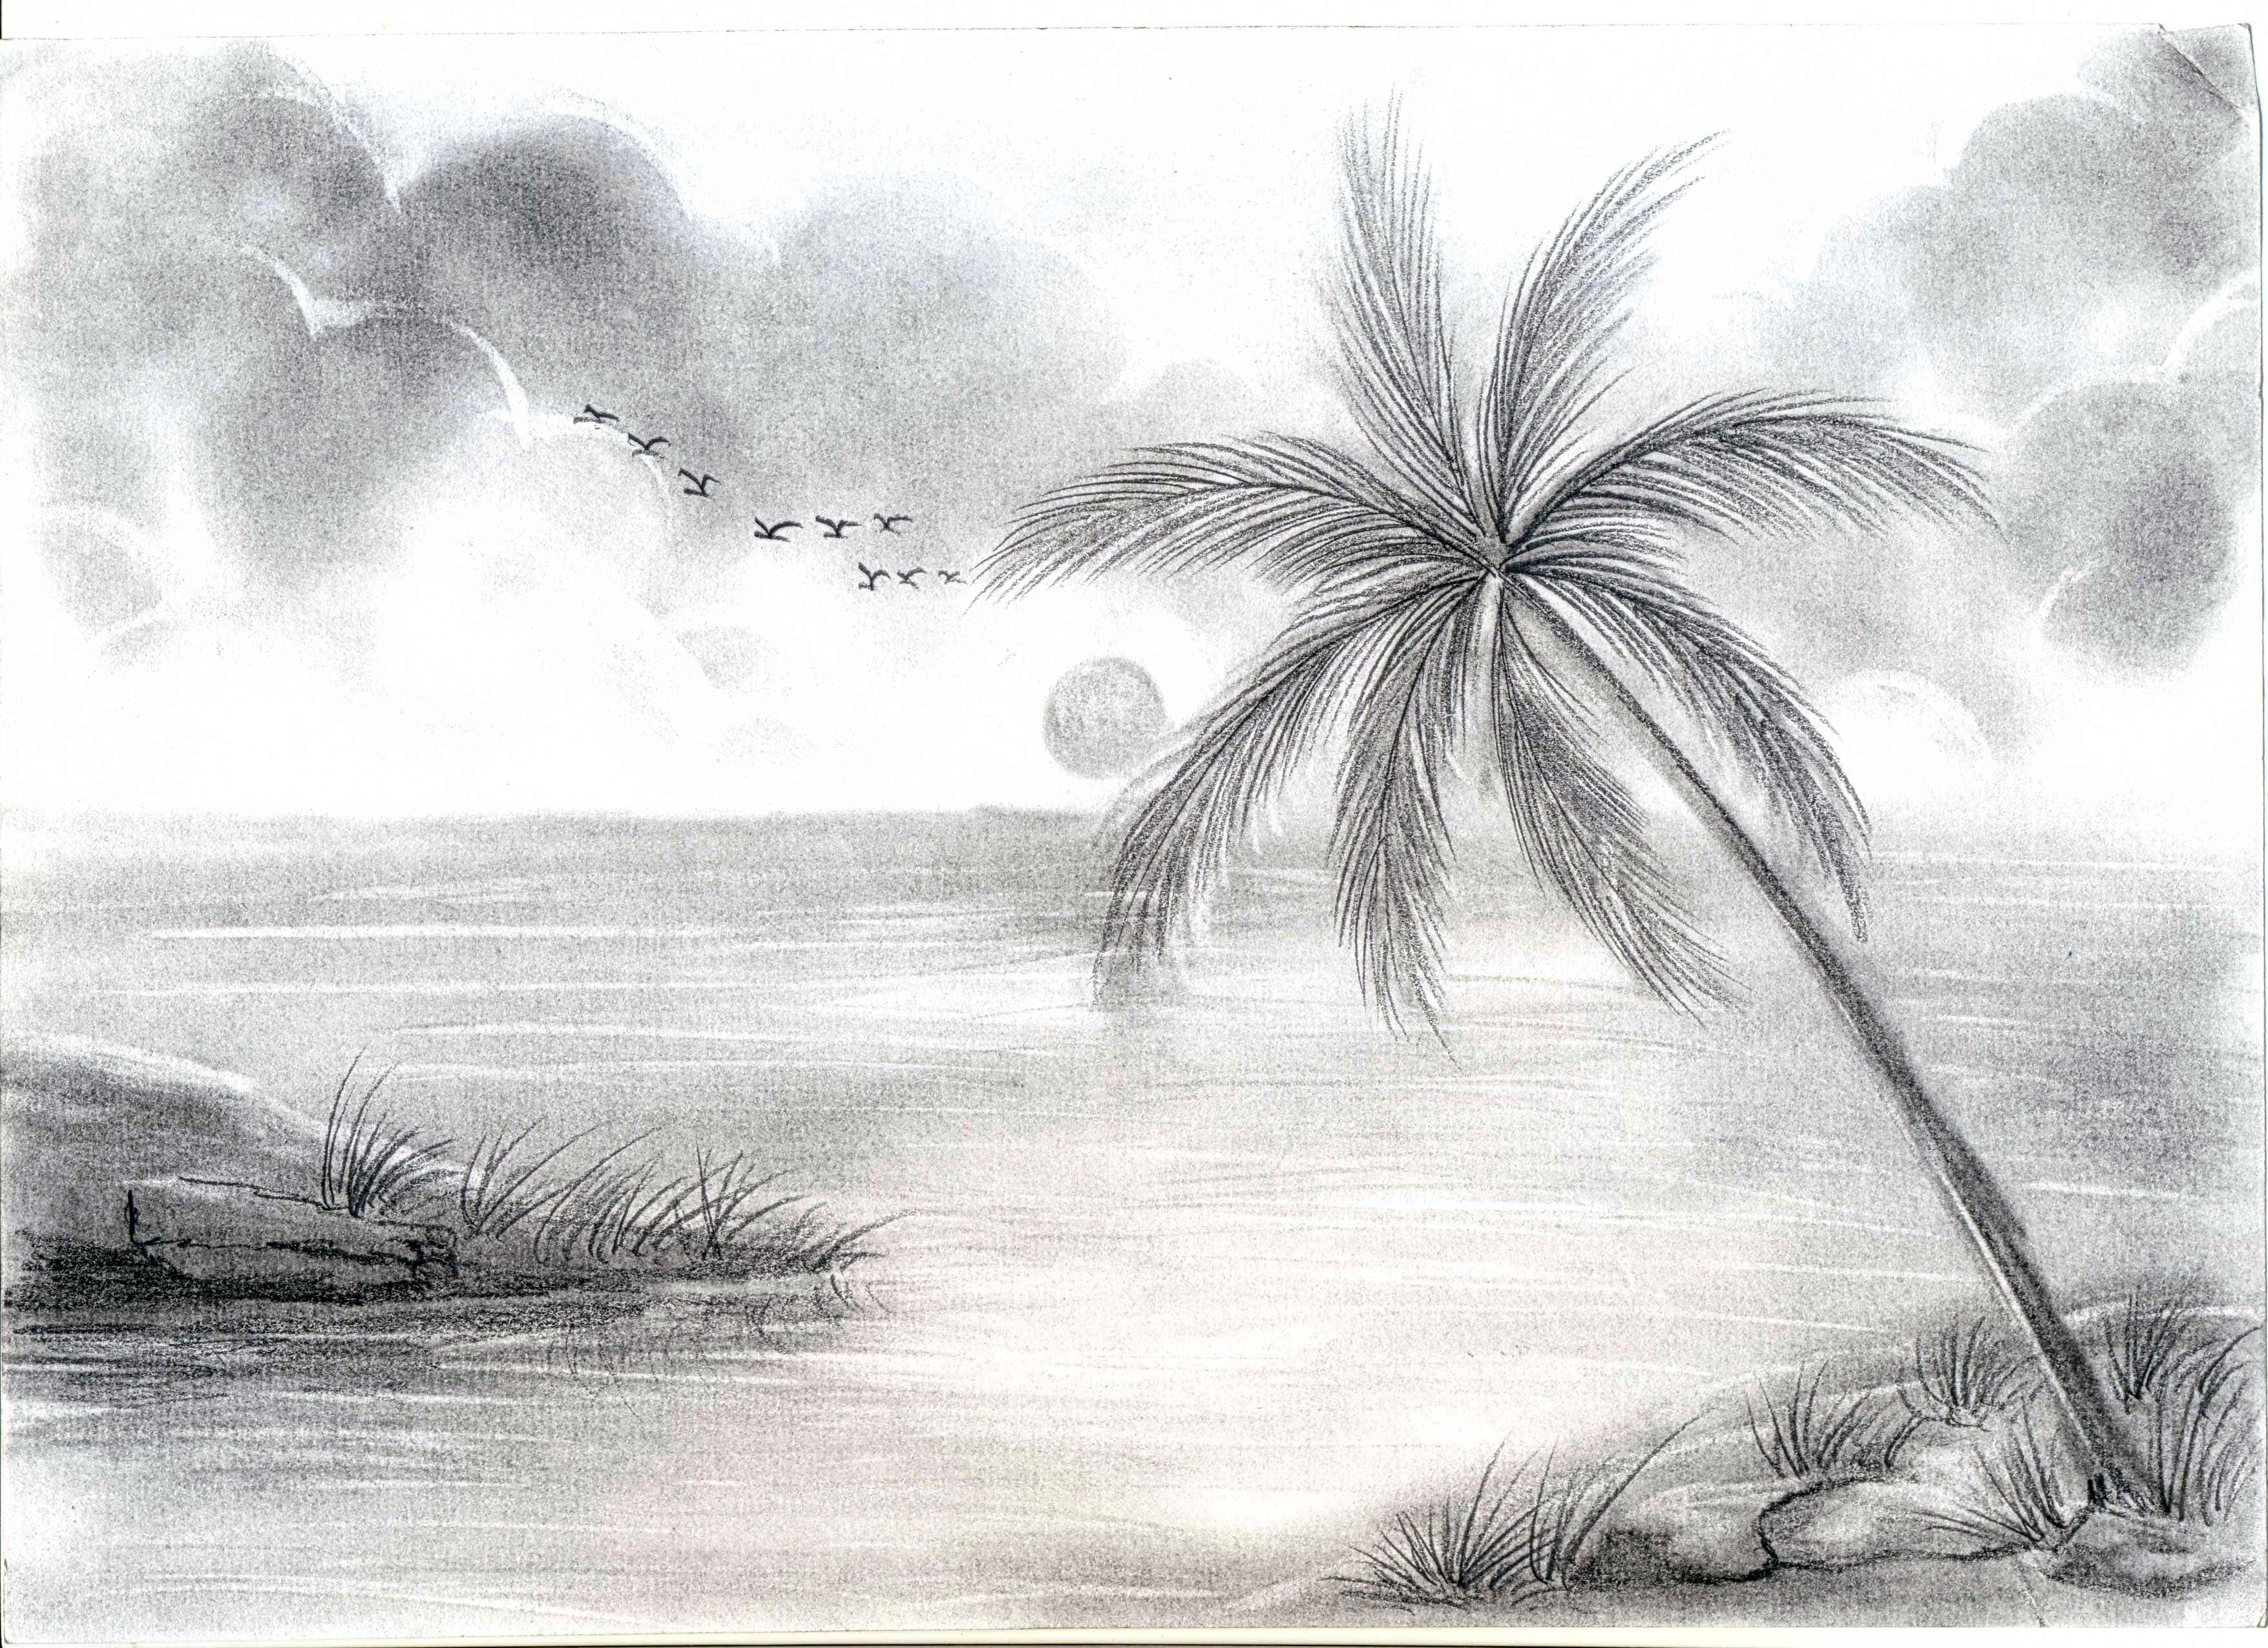 Drawn scenery pencil sketching Beautiful Sketch pencil Pencil Pencil